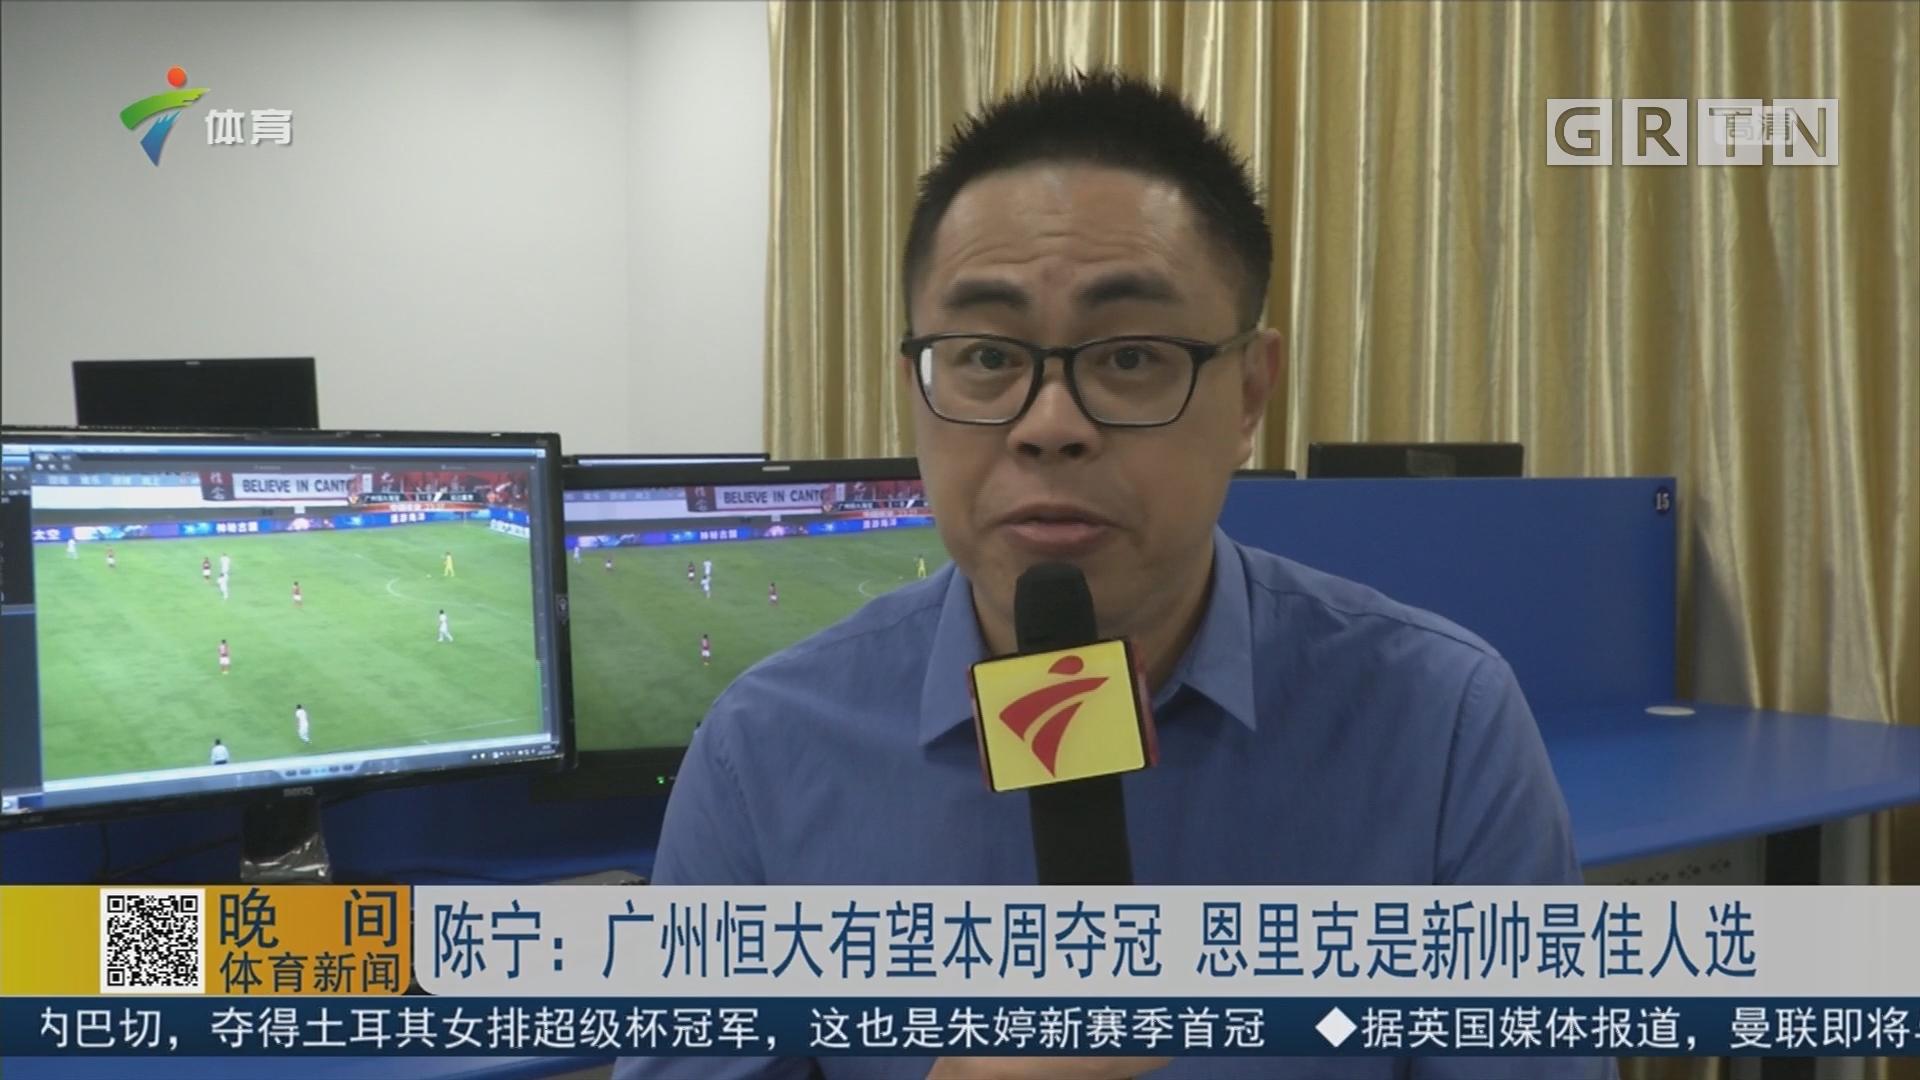 陈宁:广州恒大有望本周夺冠 恩里克是新帅最佳人选